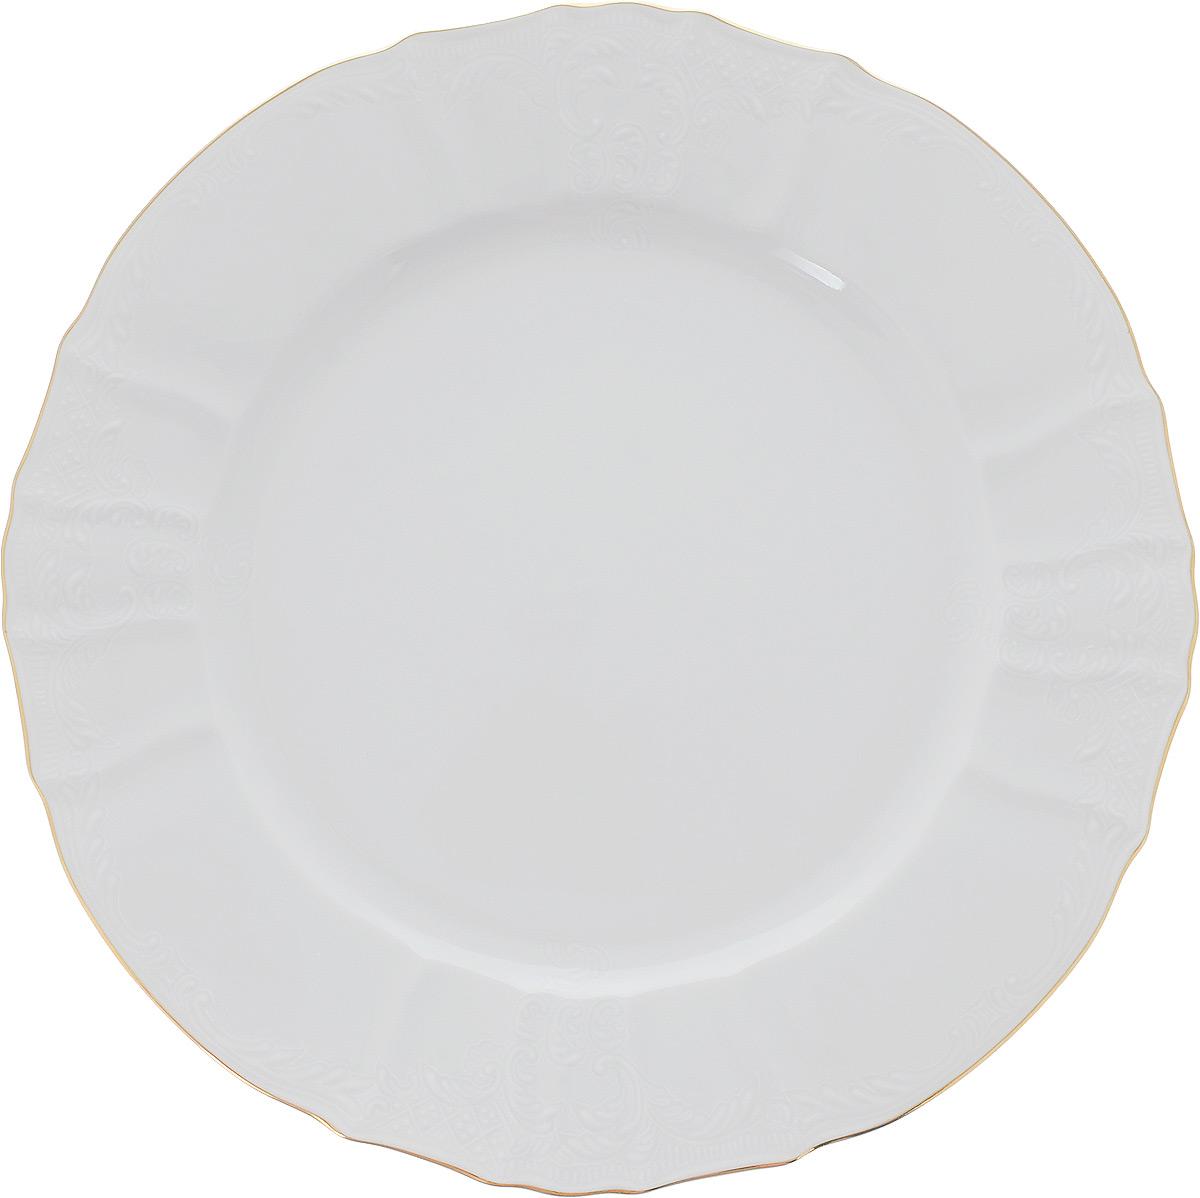 Блюдо Bernadotte Узор, диаметр 30 см115510Блюдо Bernadotte Узор выполнено из белоснежного фарфора с покрытием глазурью. Изделие украшено золотистой эмалью по краю и изысканным рельефным орнаментом. Оно прекрасно подойдет для сервировки разнообразных блюд - закусок, нарезок, салатов, канапе, овощей и фруктов, пирожных. Такое блюдо красиво дополнит сервировку вашего стола. Отлично подойдет как для повседневного использования, так и для торжественных случаев.